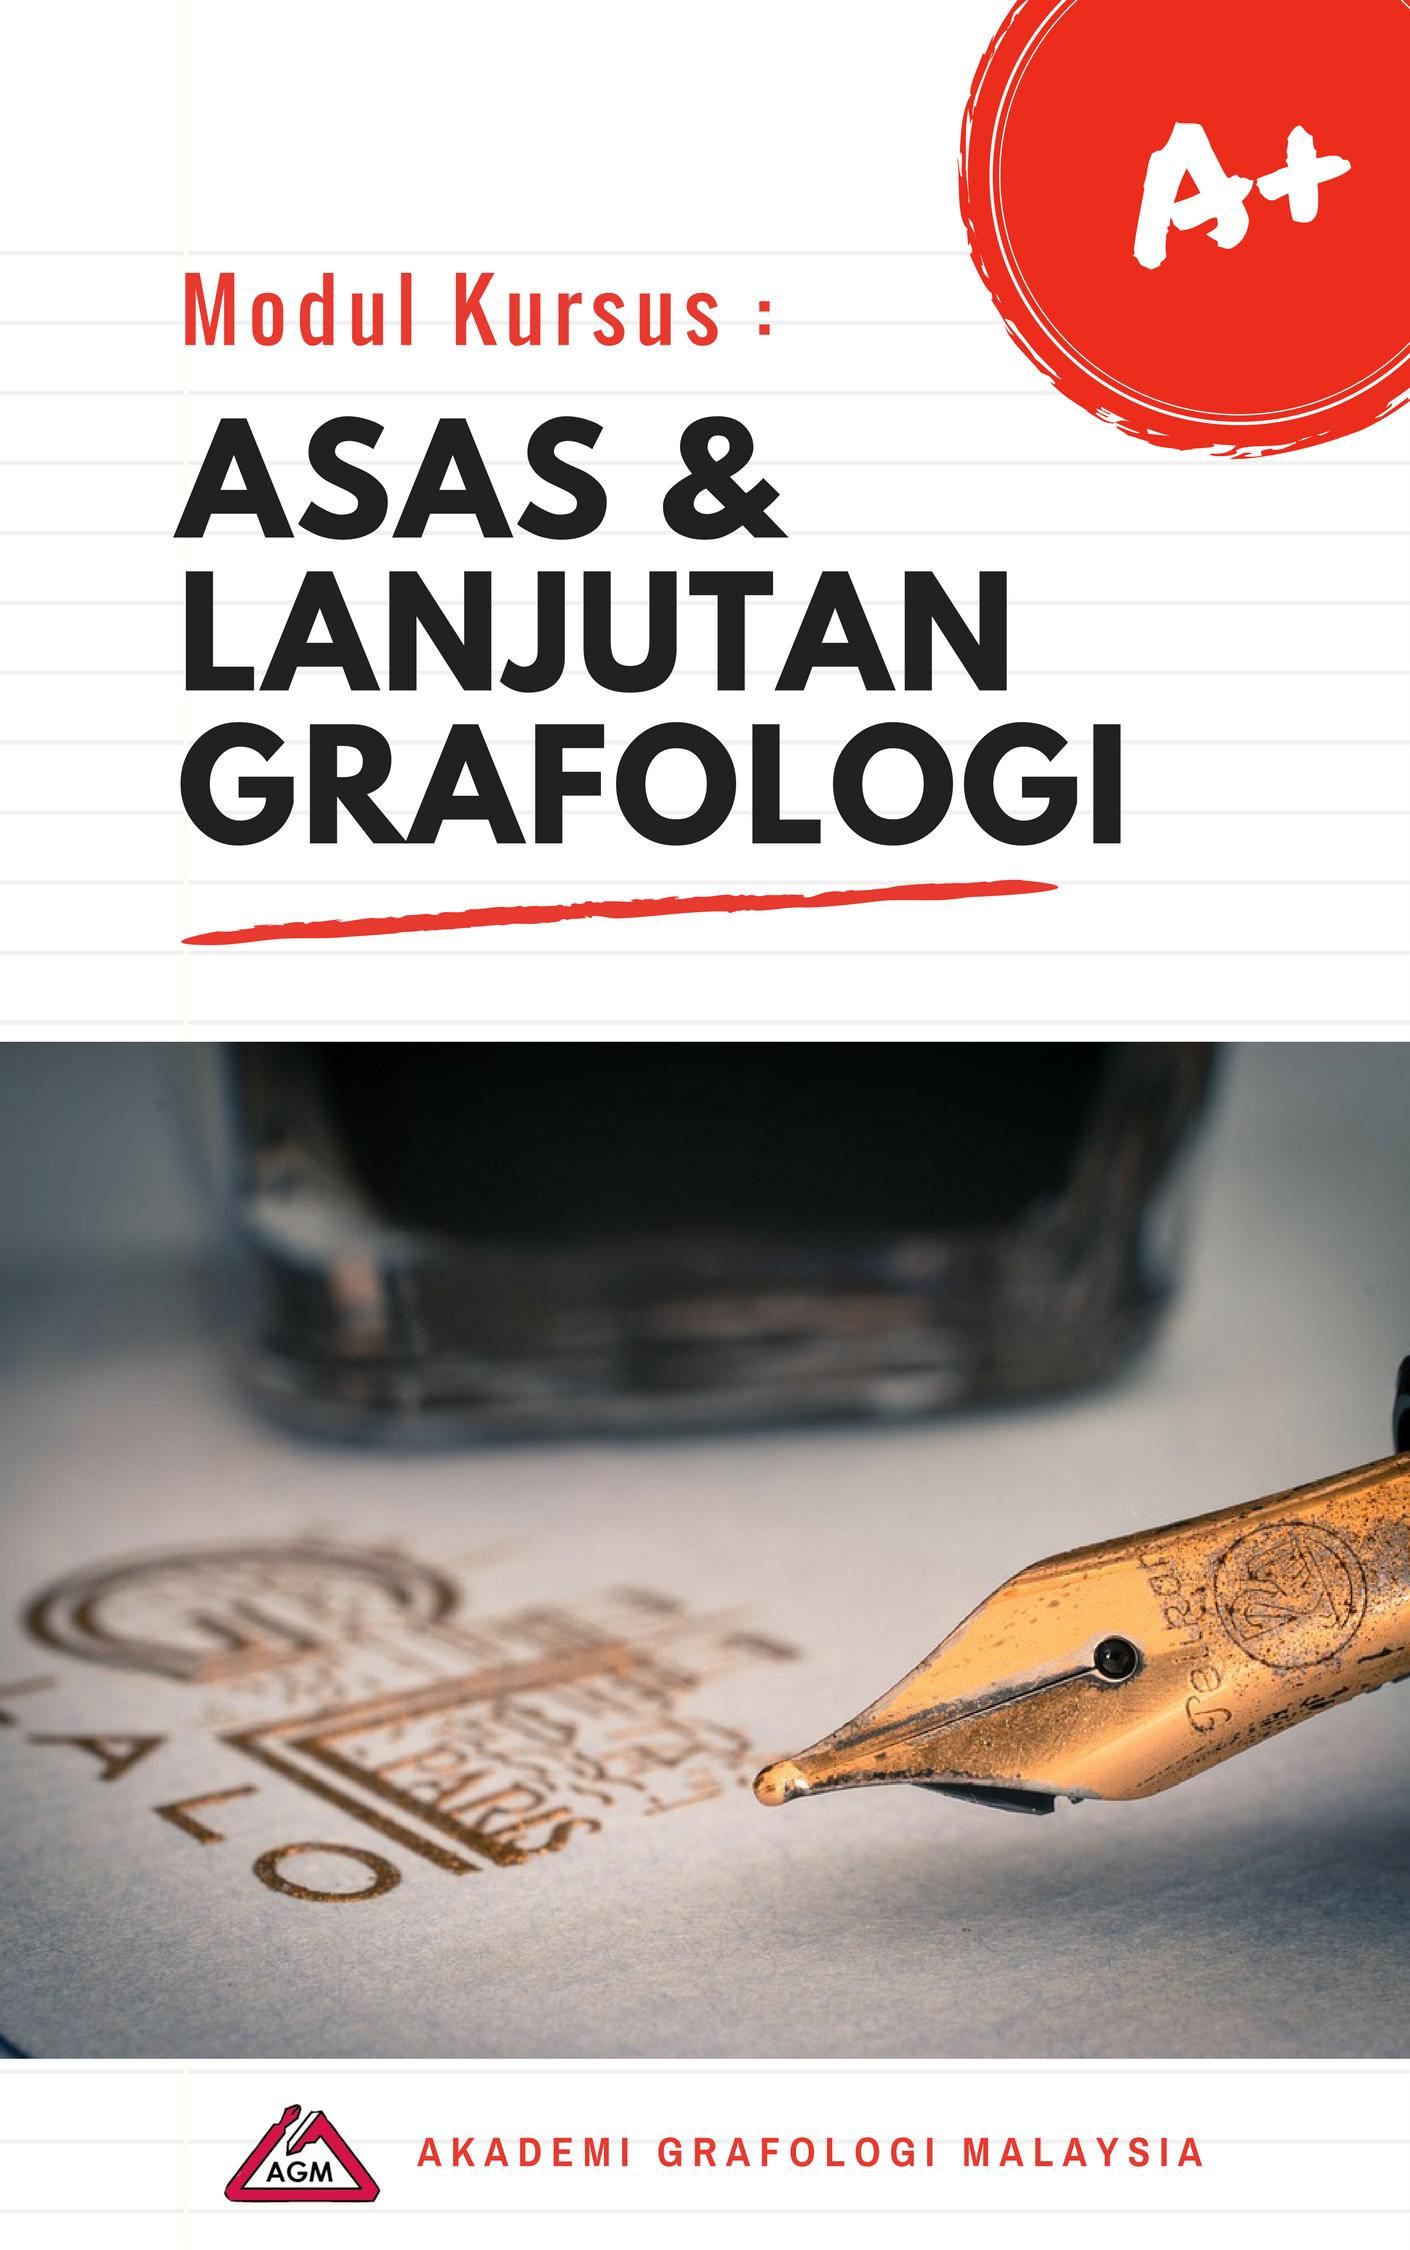 Modul Kursus Asas & Lanjutan Grafologi